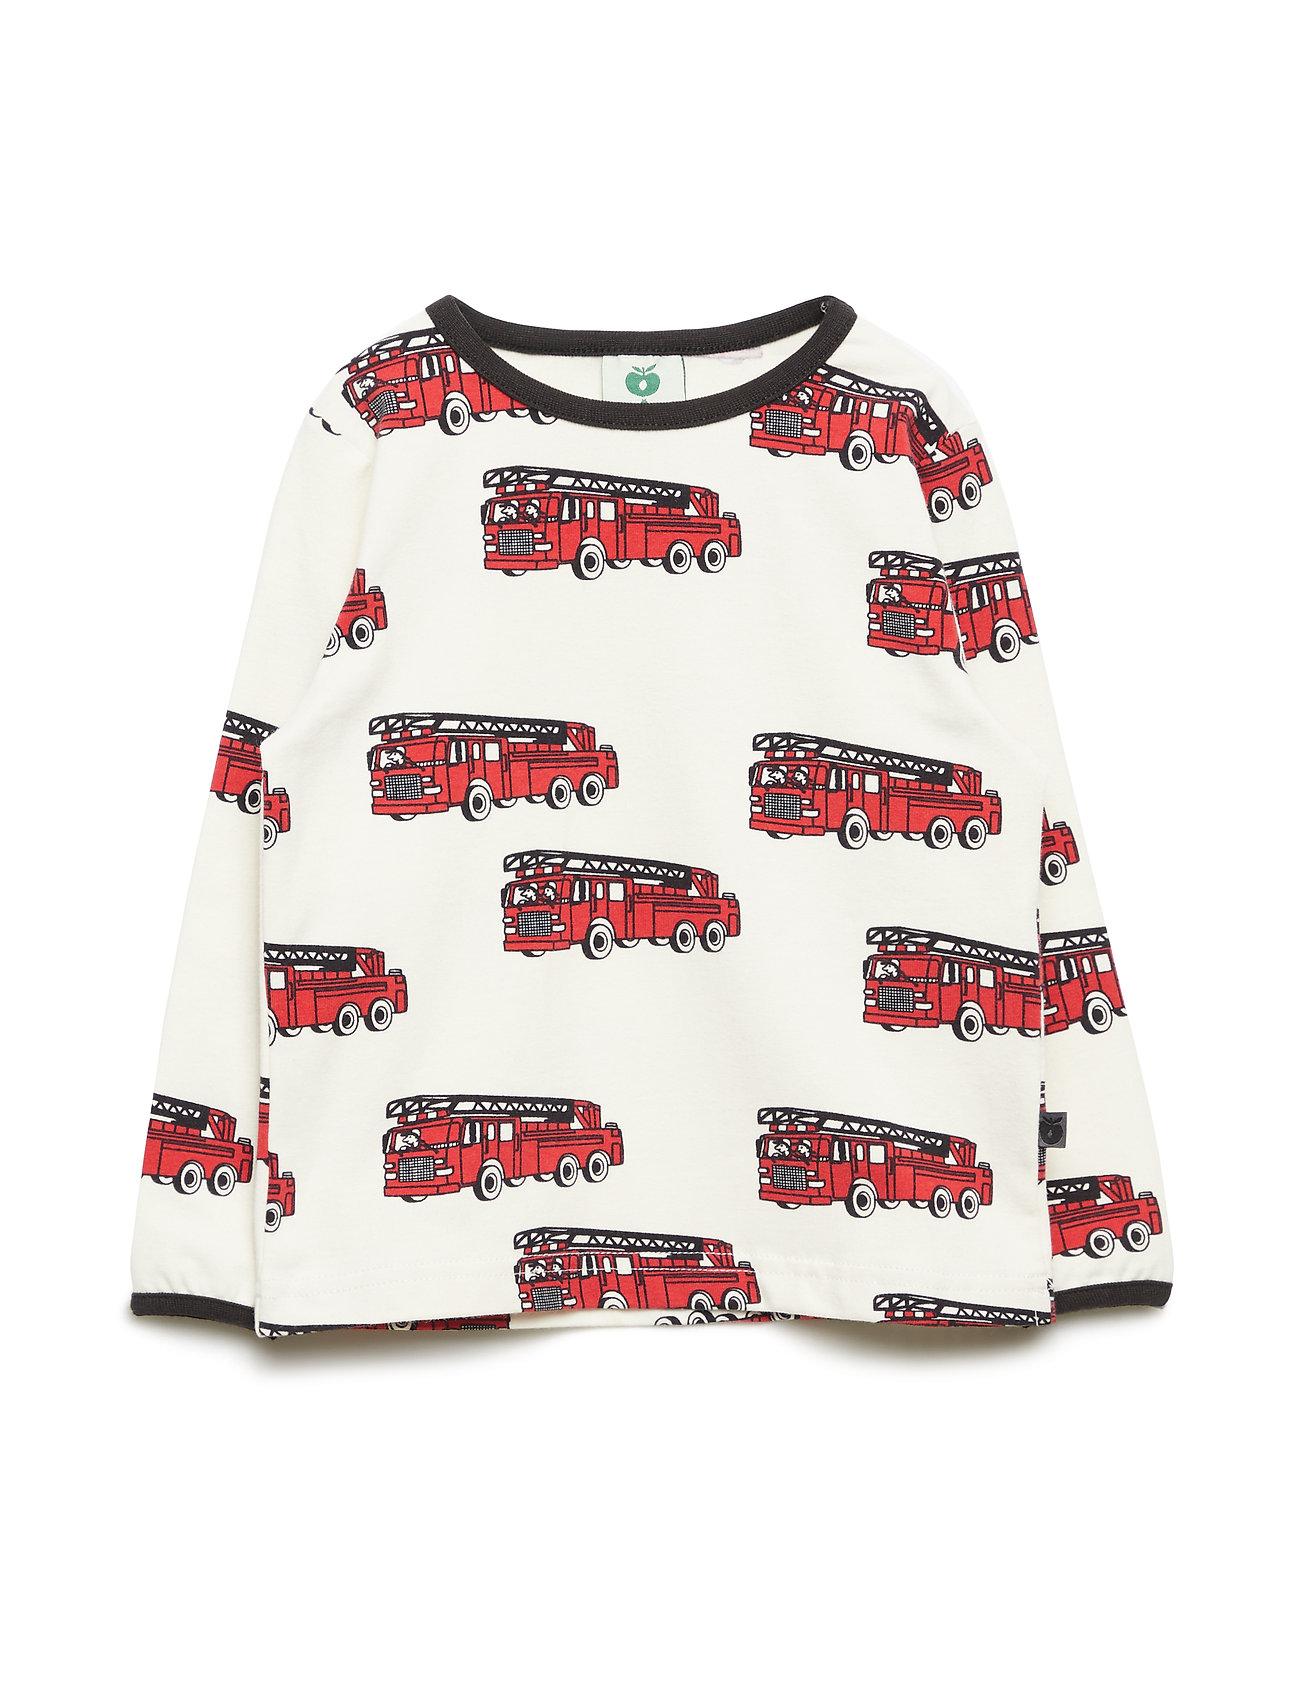 Småfolk T-shirt LS. Fire truck - KALK